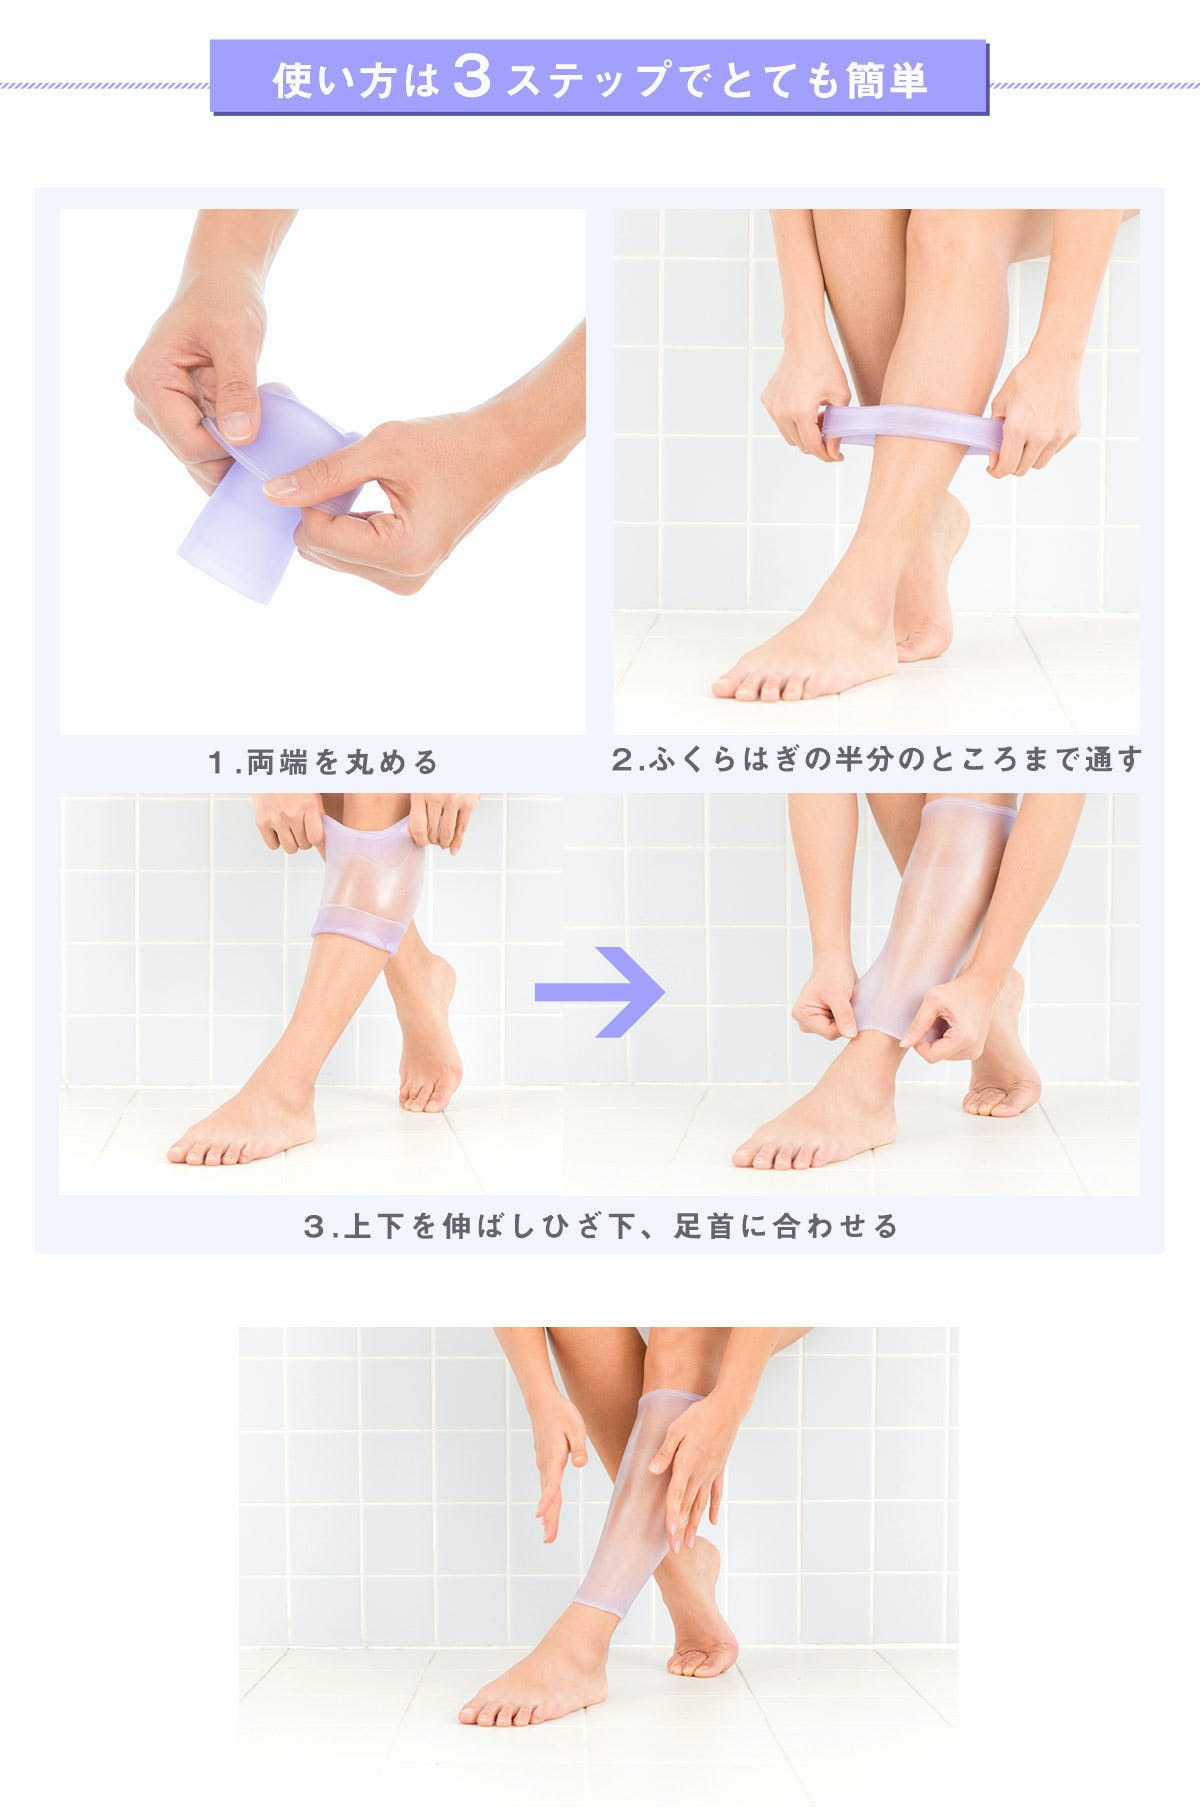 使い方は3ステップでとても簡単。 ステップ1 両端を丸める ステップ2 ふくらはぎの半分のところまで通す ステップ3 上下を伸ばしひざ下、足首に合わせる  特許を取得した素材エラストマー樹脂があなたの足の形に合わせ、ピタッとフィット。